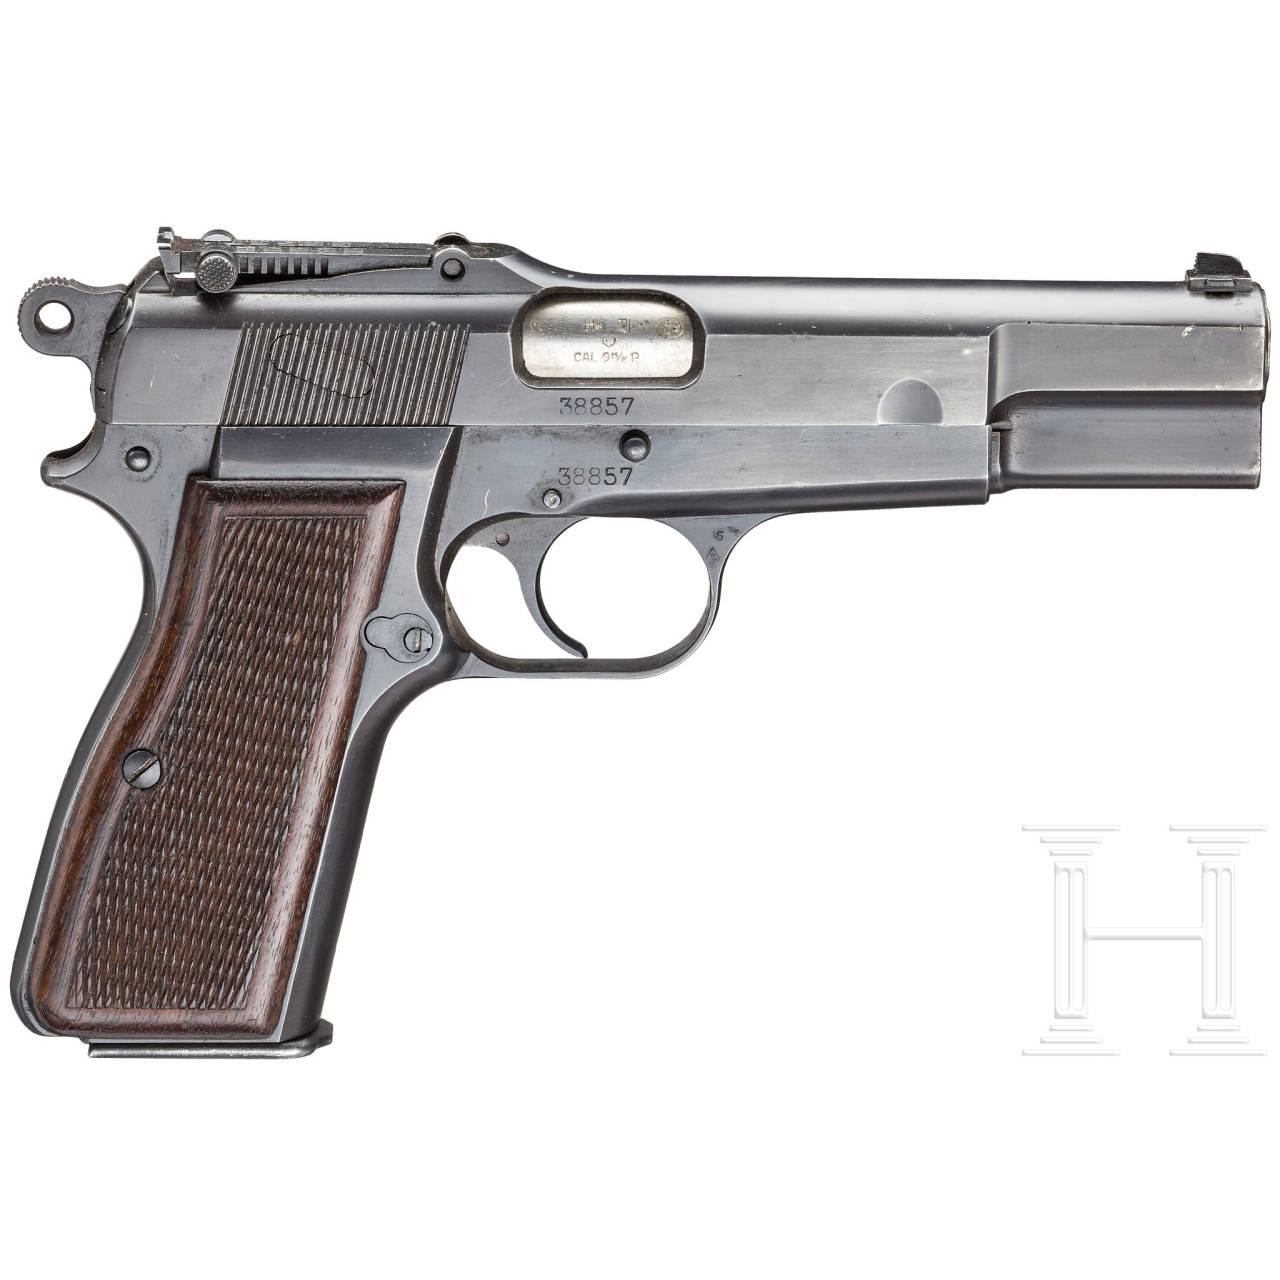 FN GP (Grand Puissance) Mod. 35, mit Tasche und Anschlagbrett